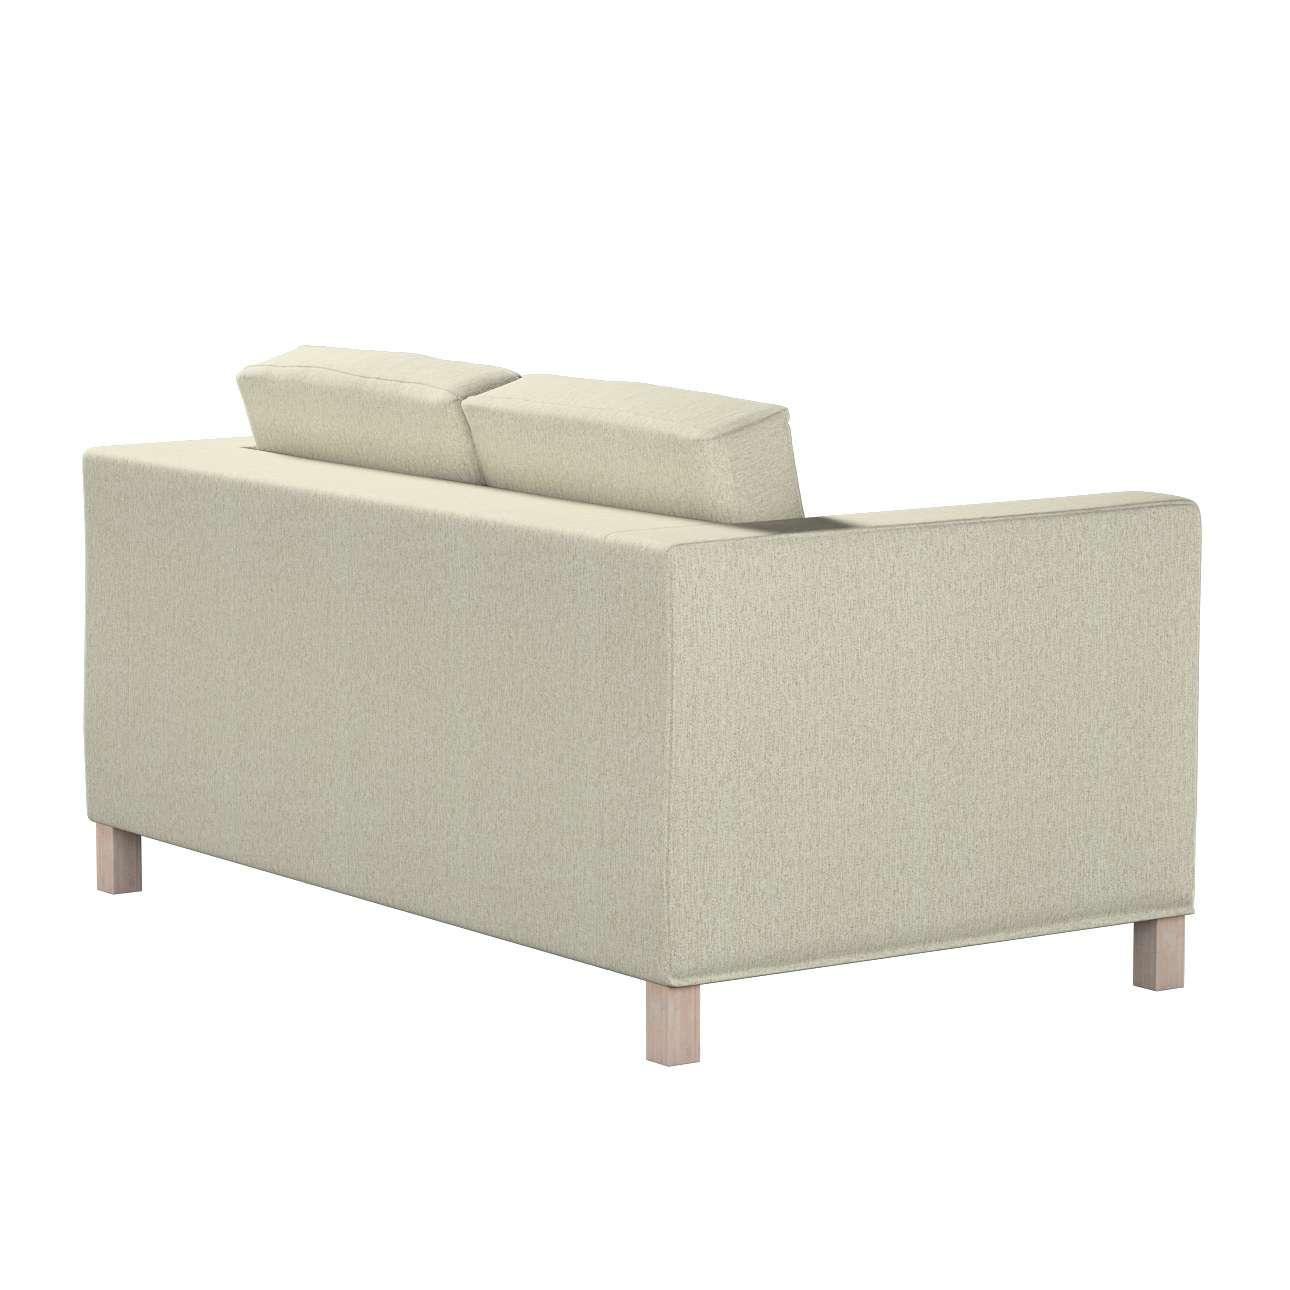 Bezug für Karlanda 2-Sitzer Sofa nicht ausklappbar, kurz von der Kollektion Living, Stoff: 161-62